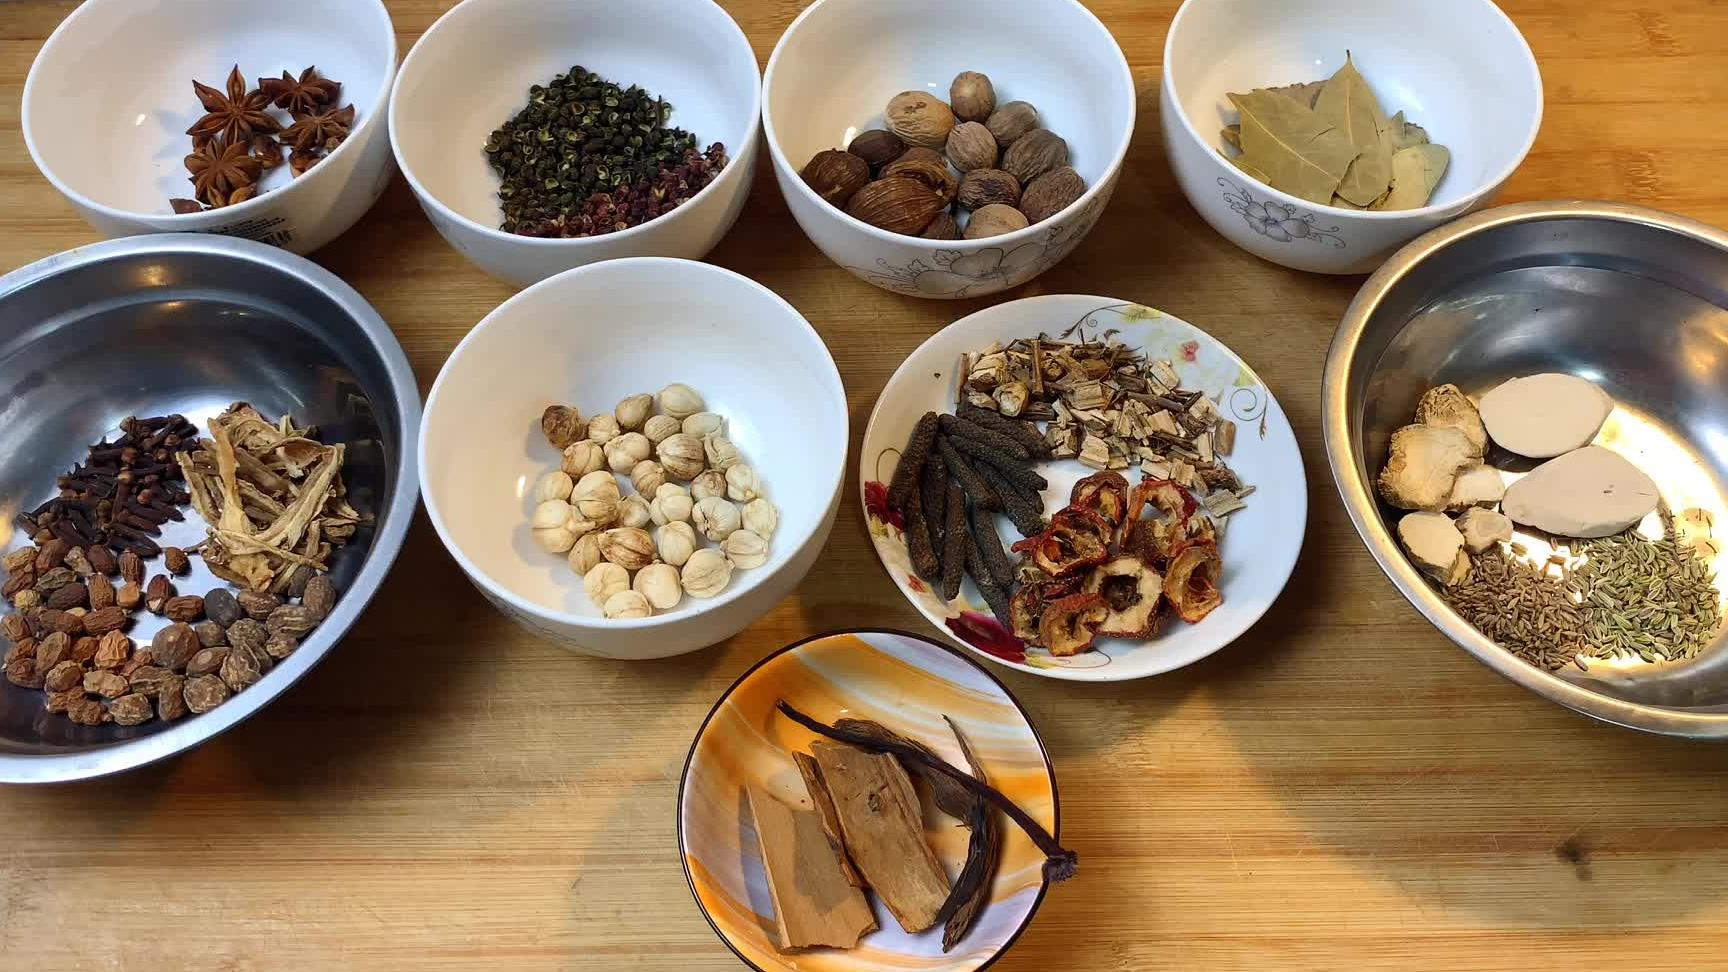 大厨详细讲解二十多种香料用途和名称,通俗易懂,建议收藏